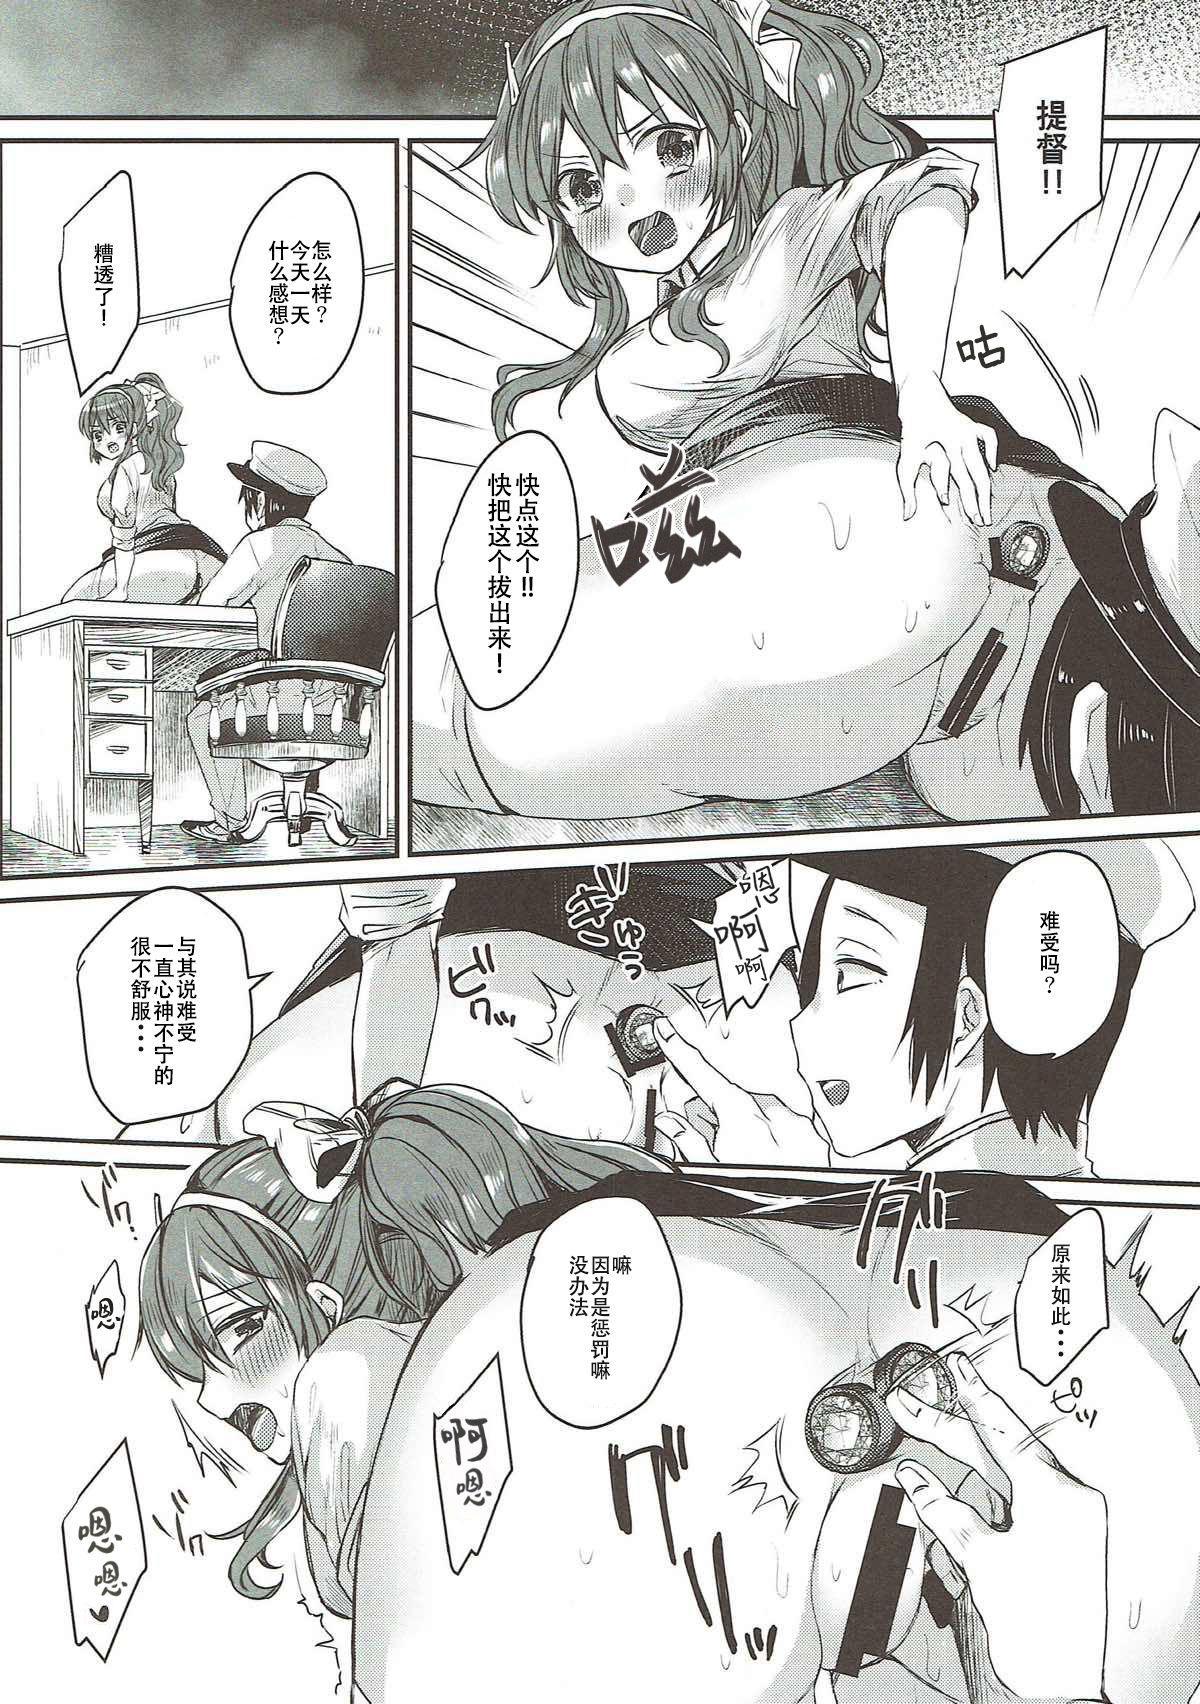 Ashigara-san to Anal de Ecchi Suru Hon 6